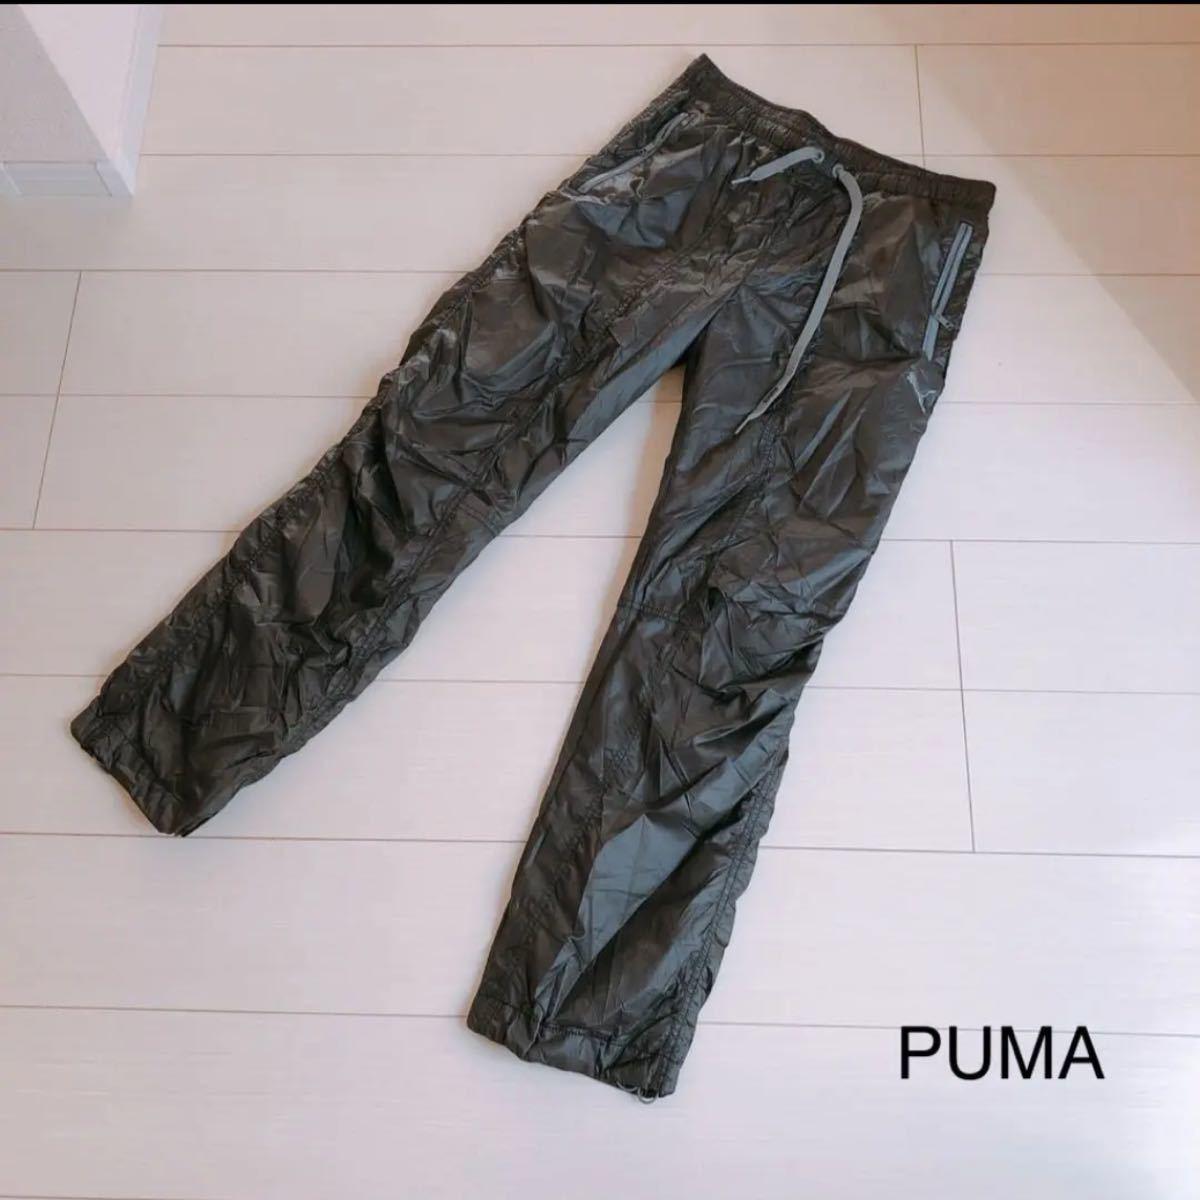 PUMA プーマ ジャージ パンツ men's メンズ